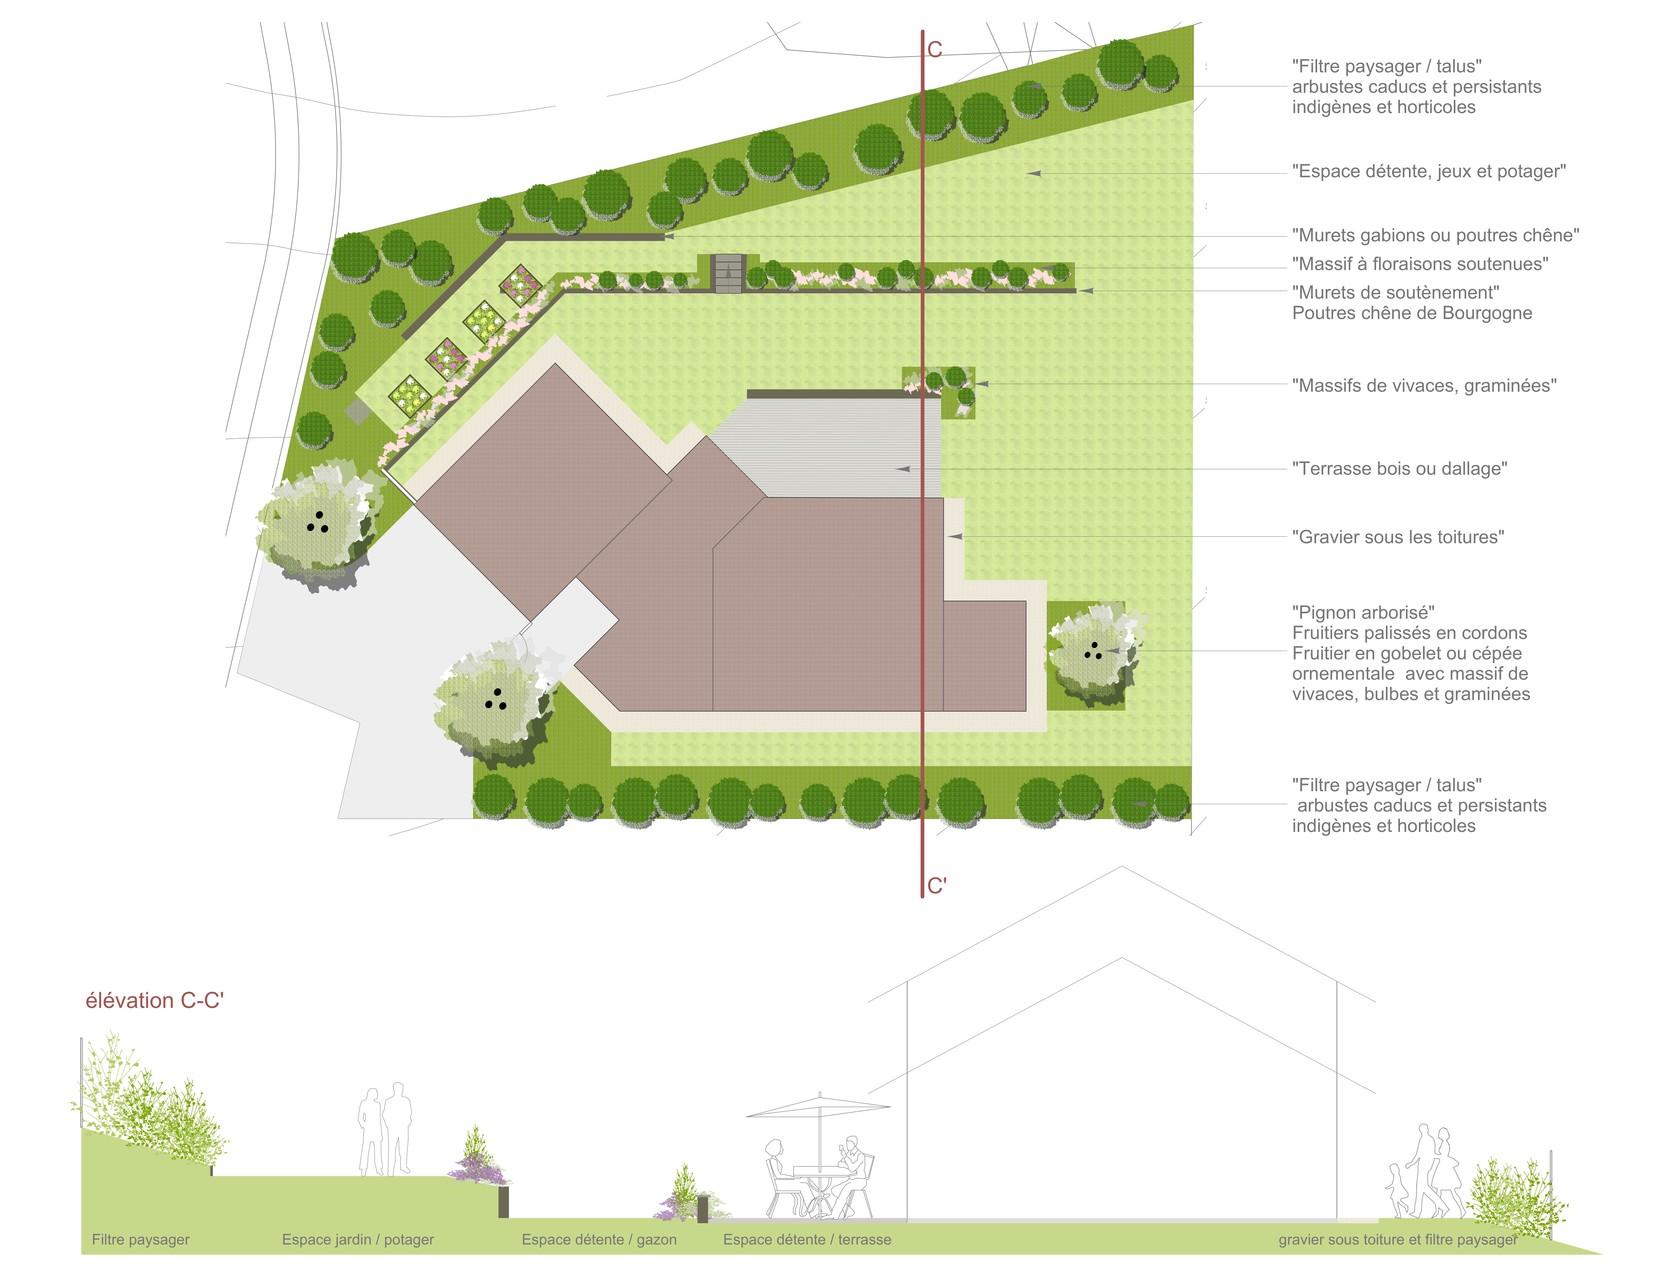 Architecte paysagiste annecy 1 plan esquisse for Architecture paysagiste